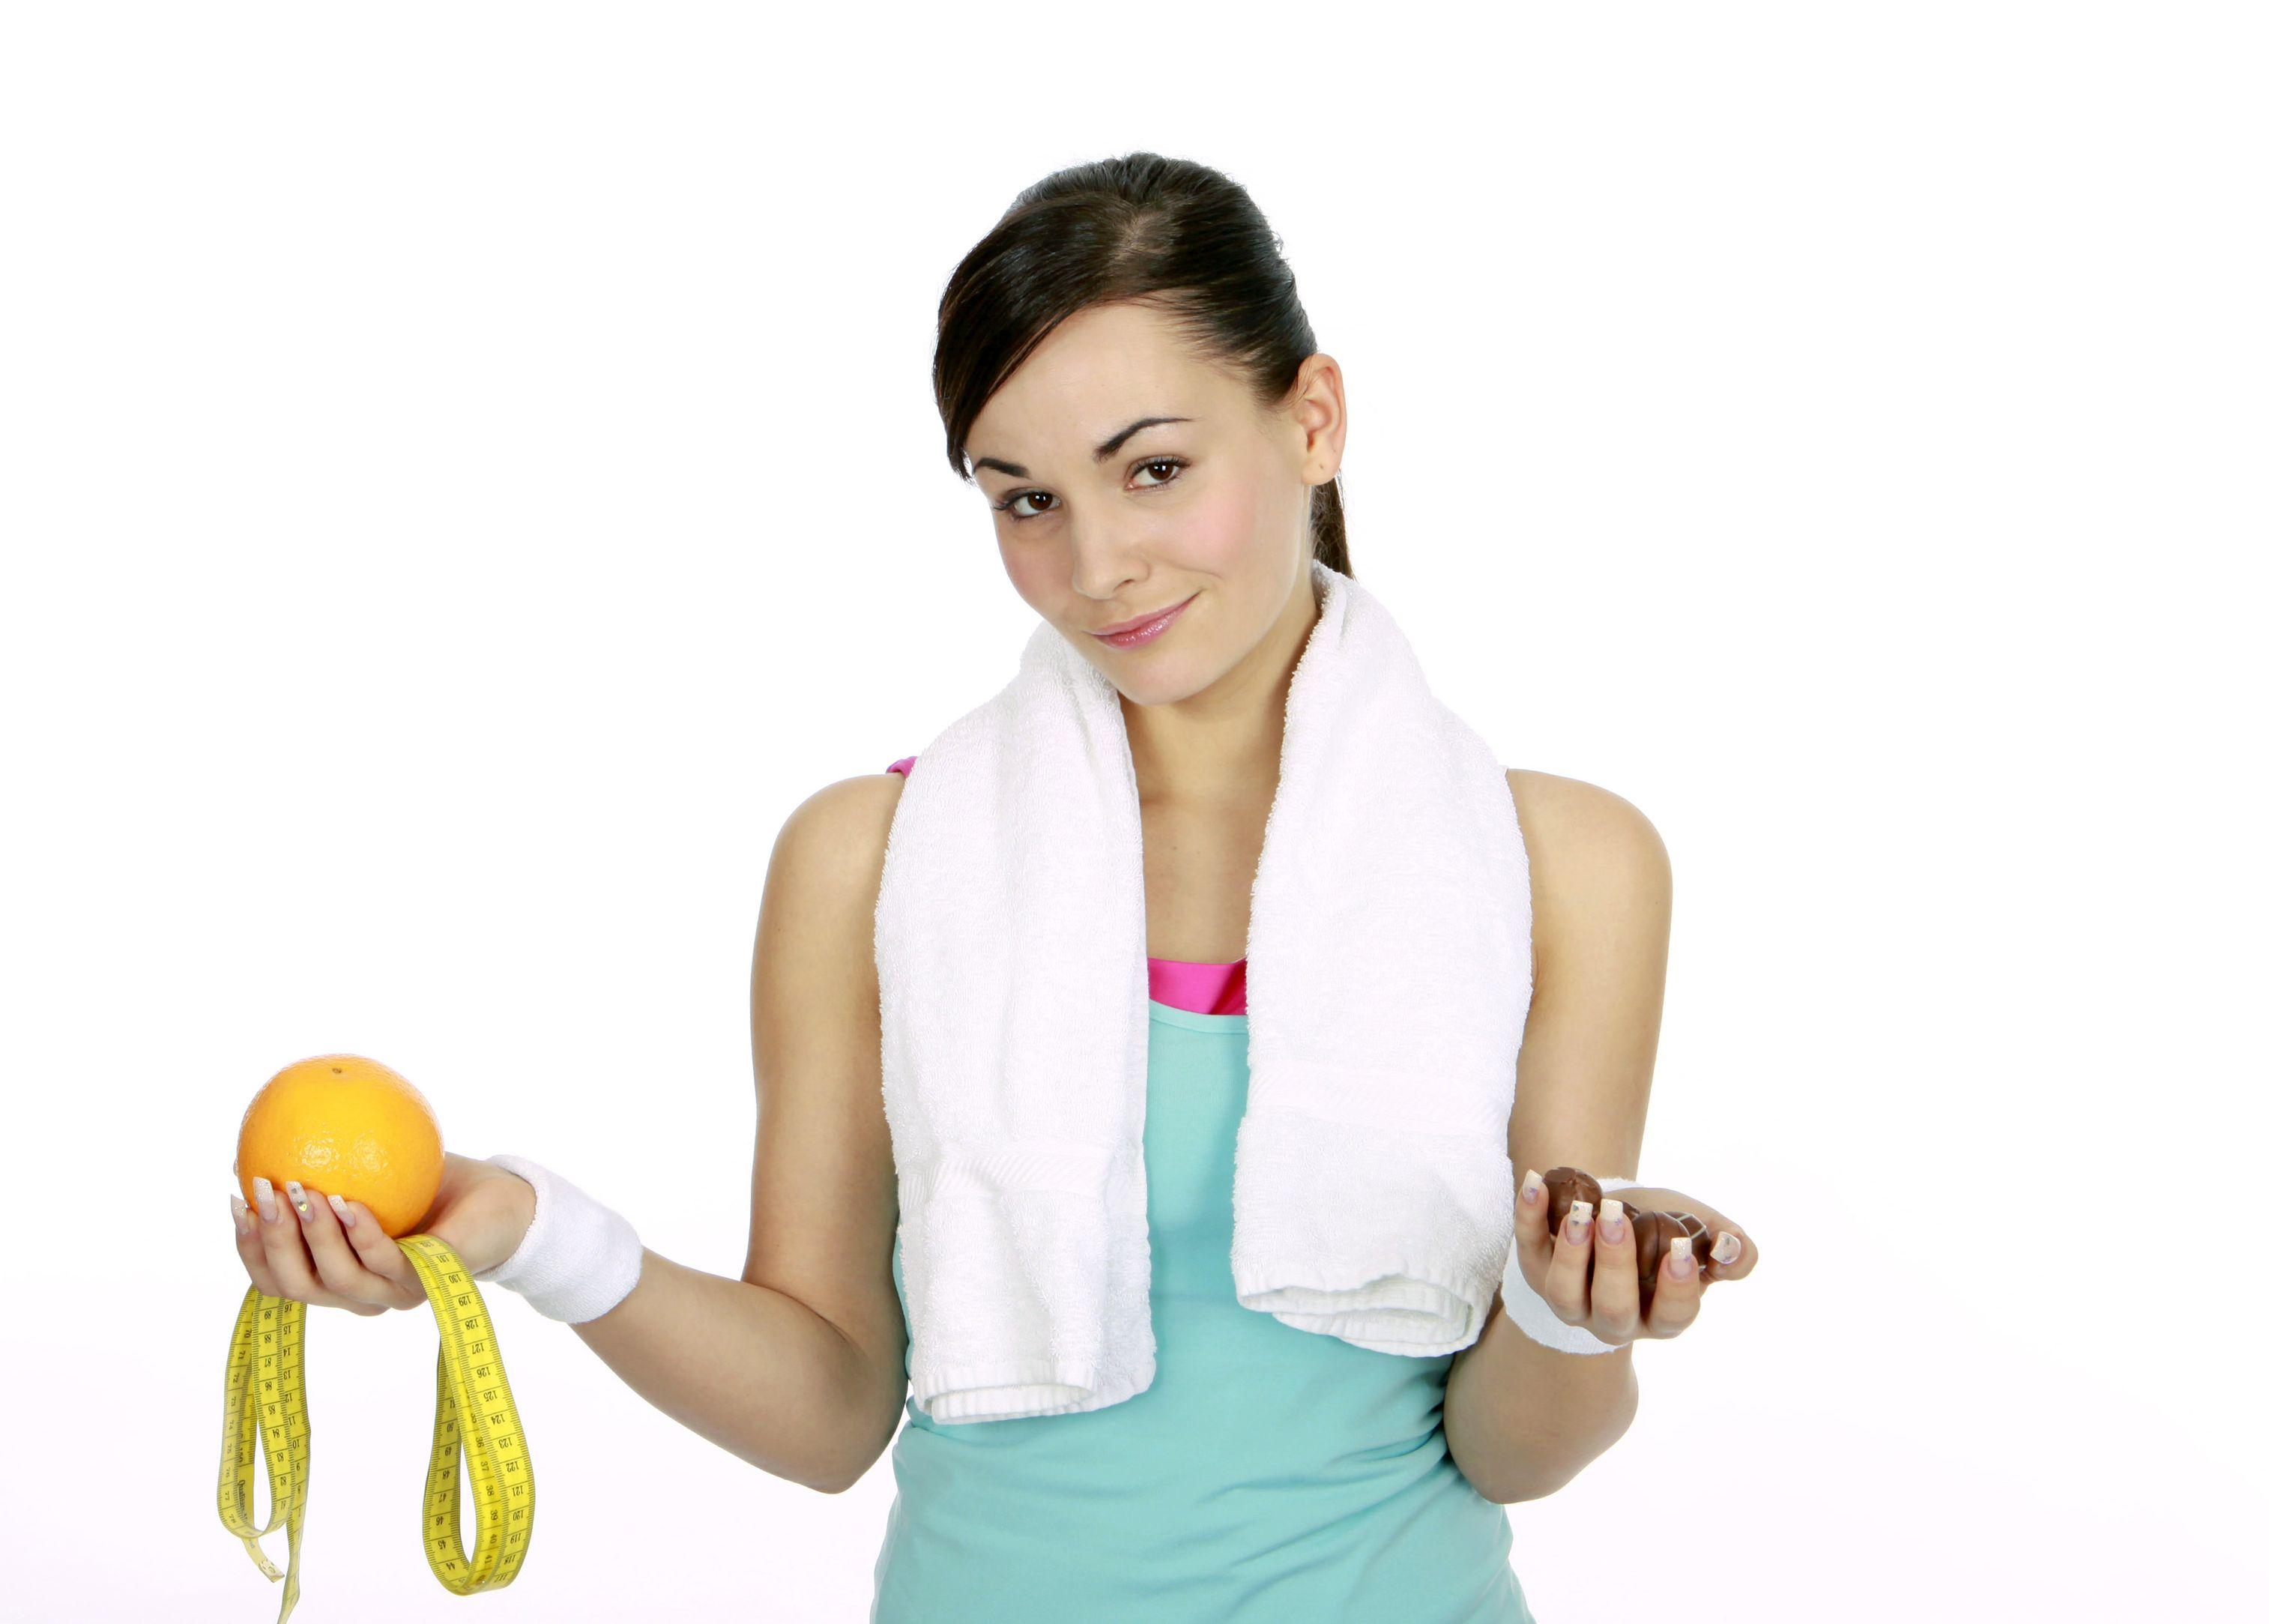 cum să slăbești timp de două săptămâni cum să slimom burta în mod natural